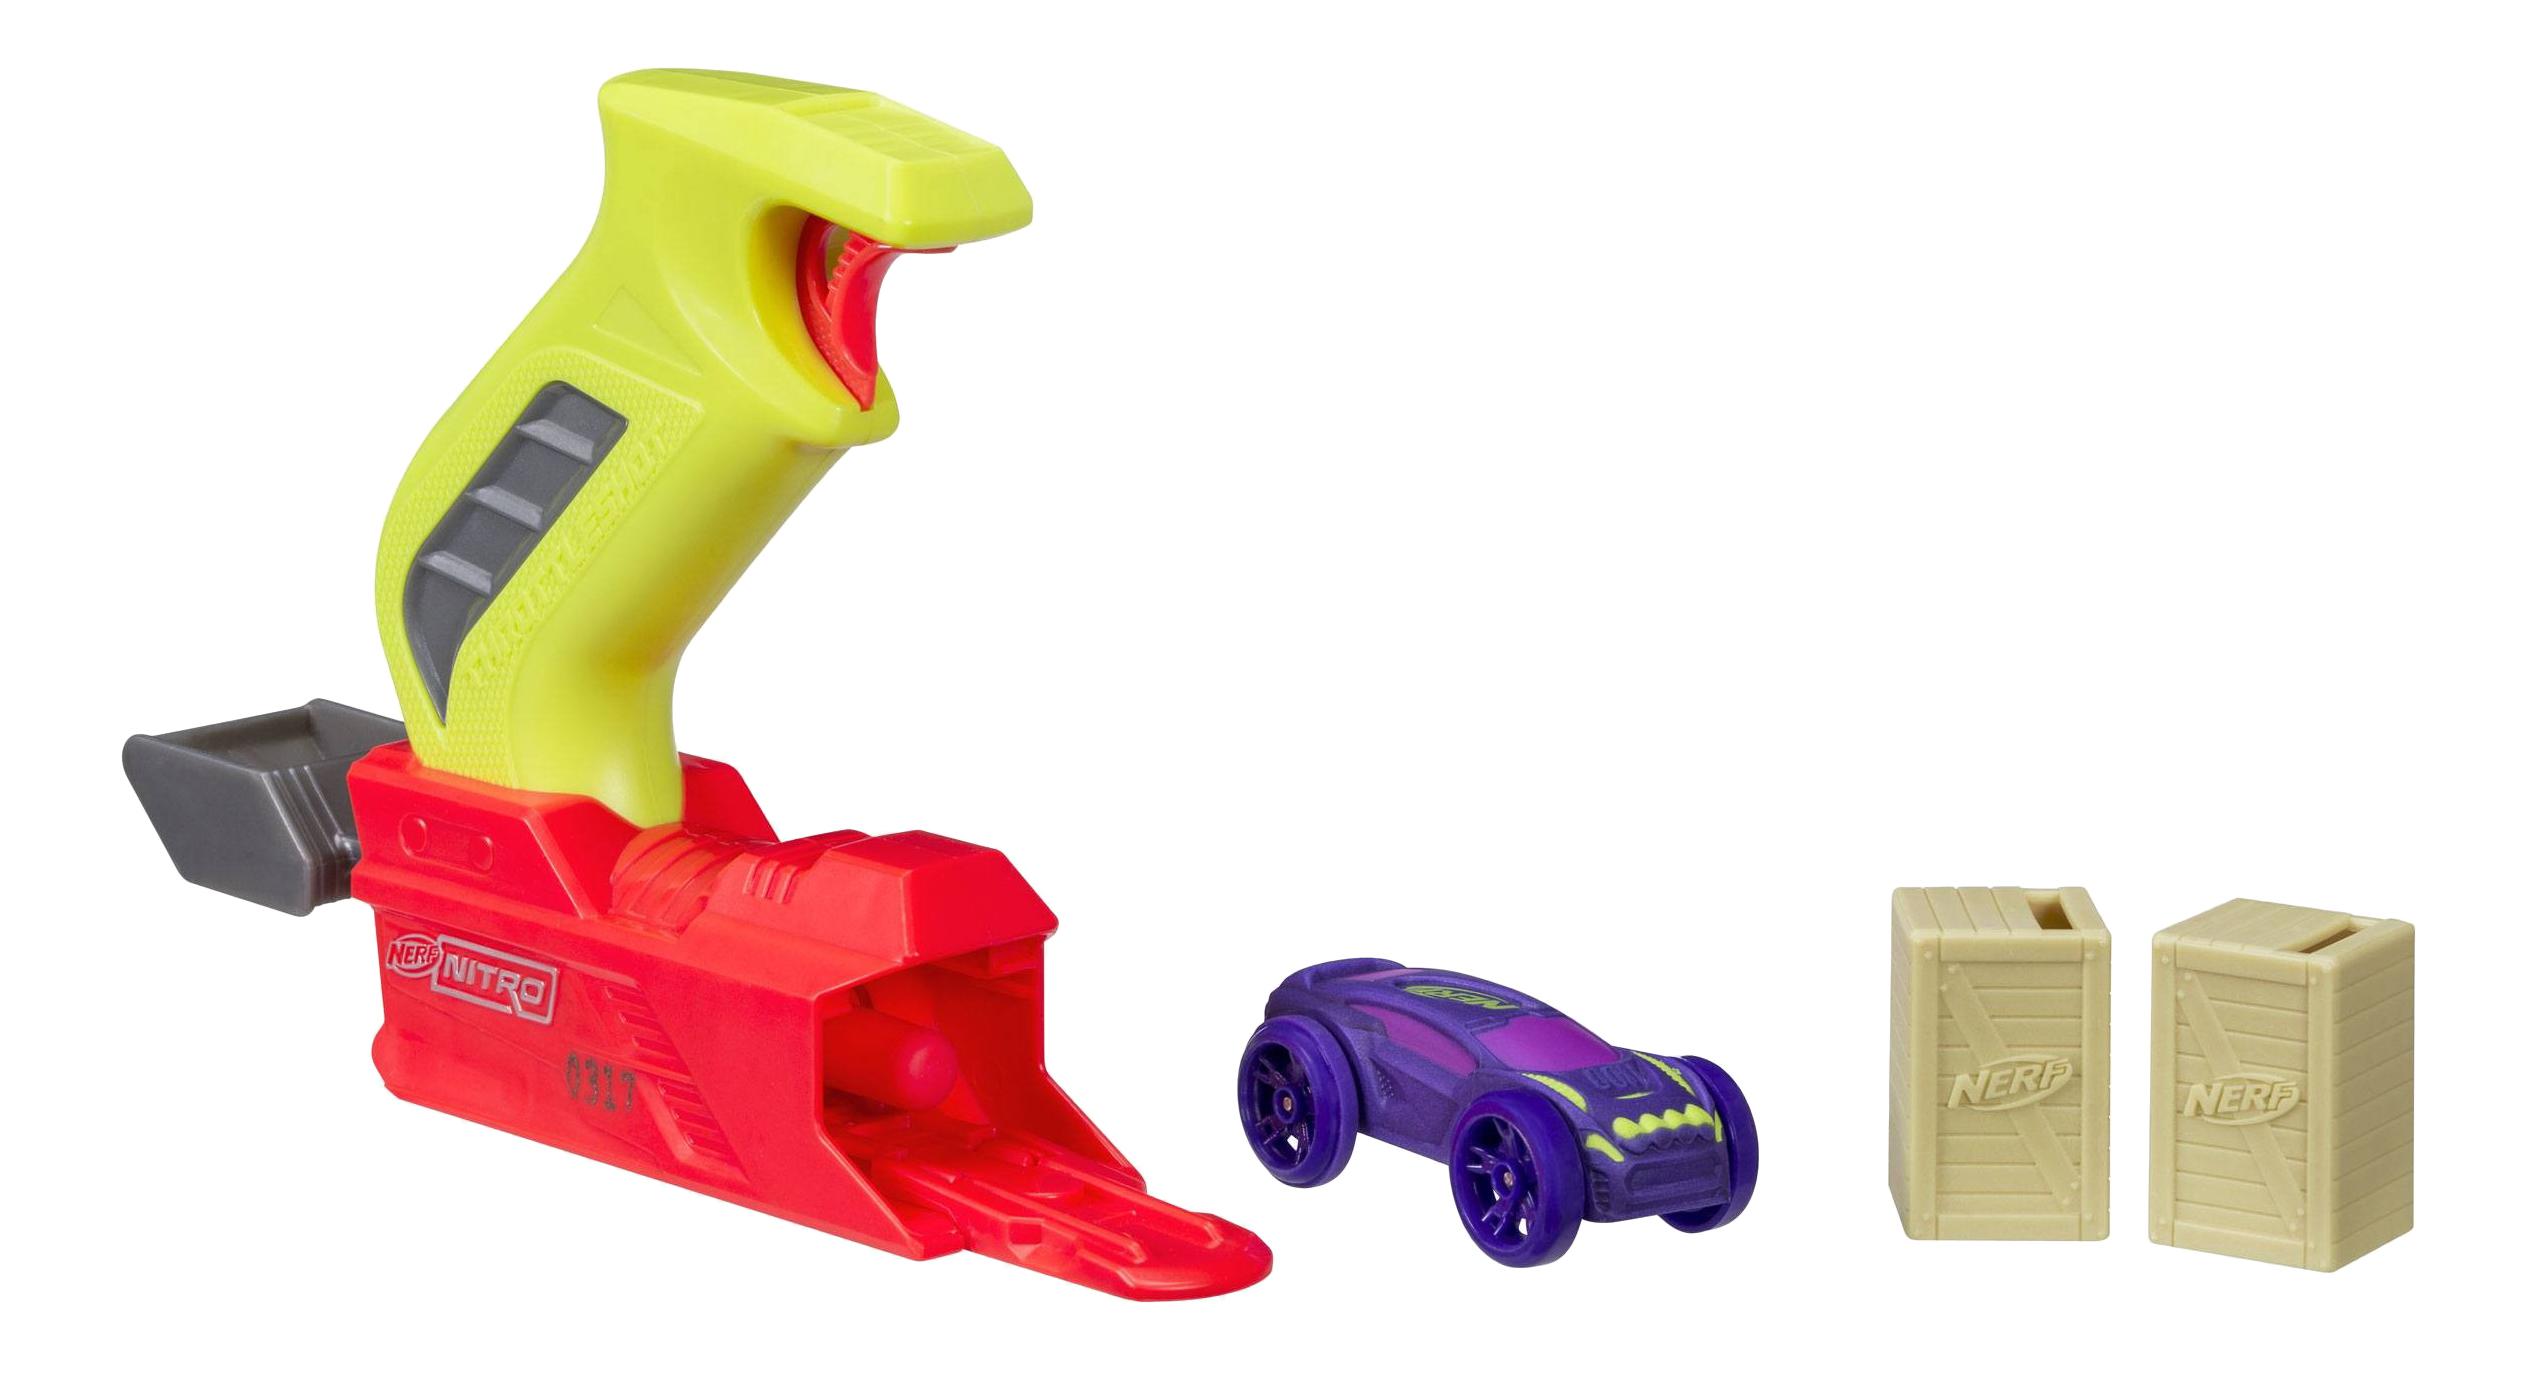 Купить Бластер с пусковым устройством nerf nitro, Hasbro Nerf Hasbro Nerf C0780 Нёрф Нитро Пусковое Устройство, Игровые наборы